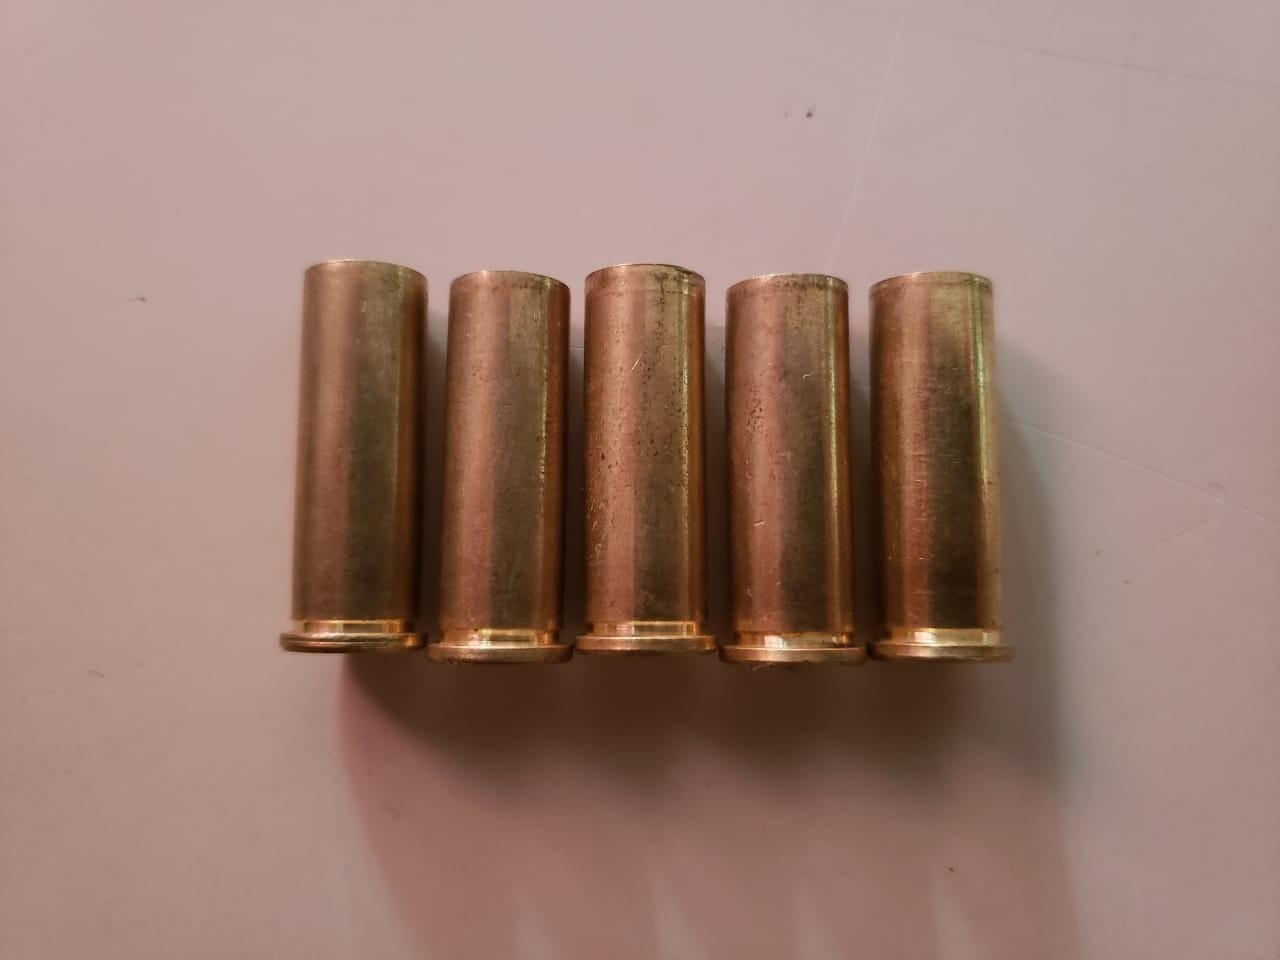 Cinco projéteis foram disparados em frente a residências no Bairro Eldorado - PM/ND